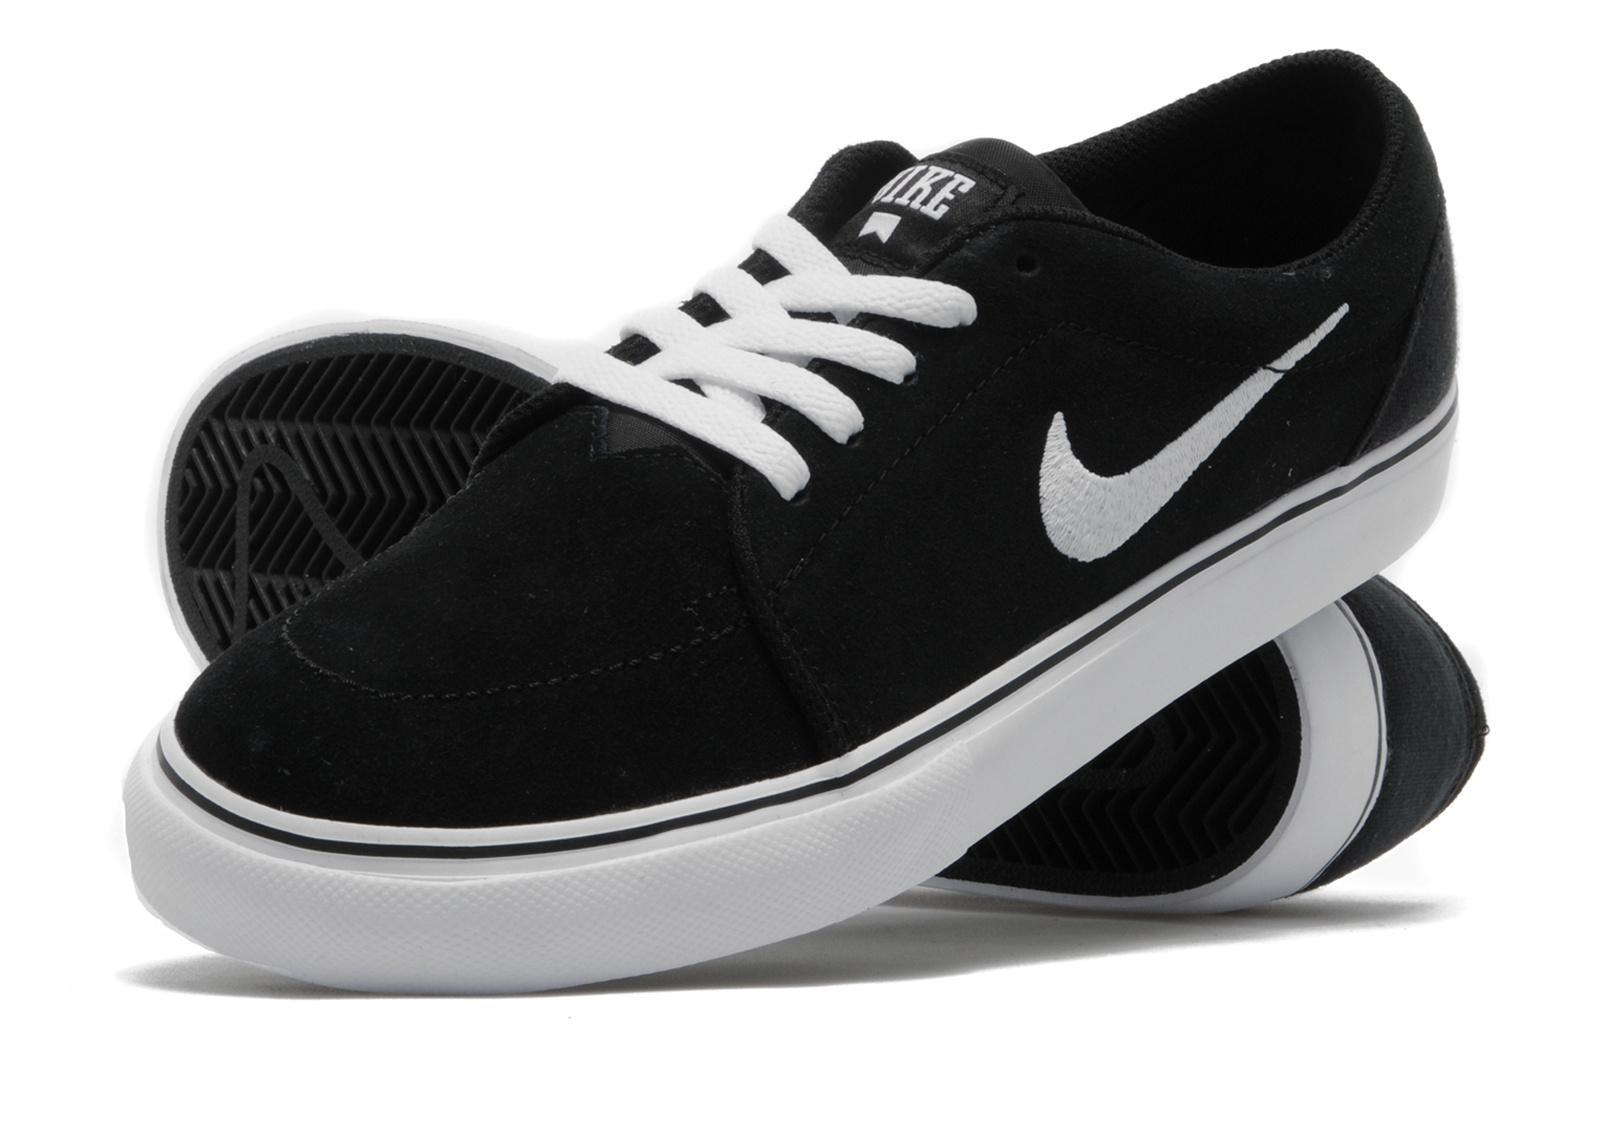 Nike Satire Skateboarding Formateurs Suède Fond Noir Et Blanc choix soSWI